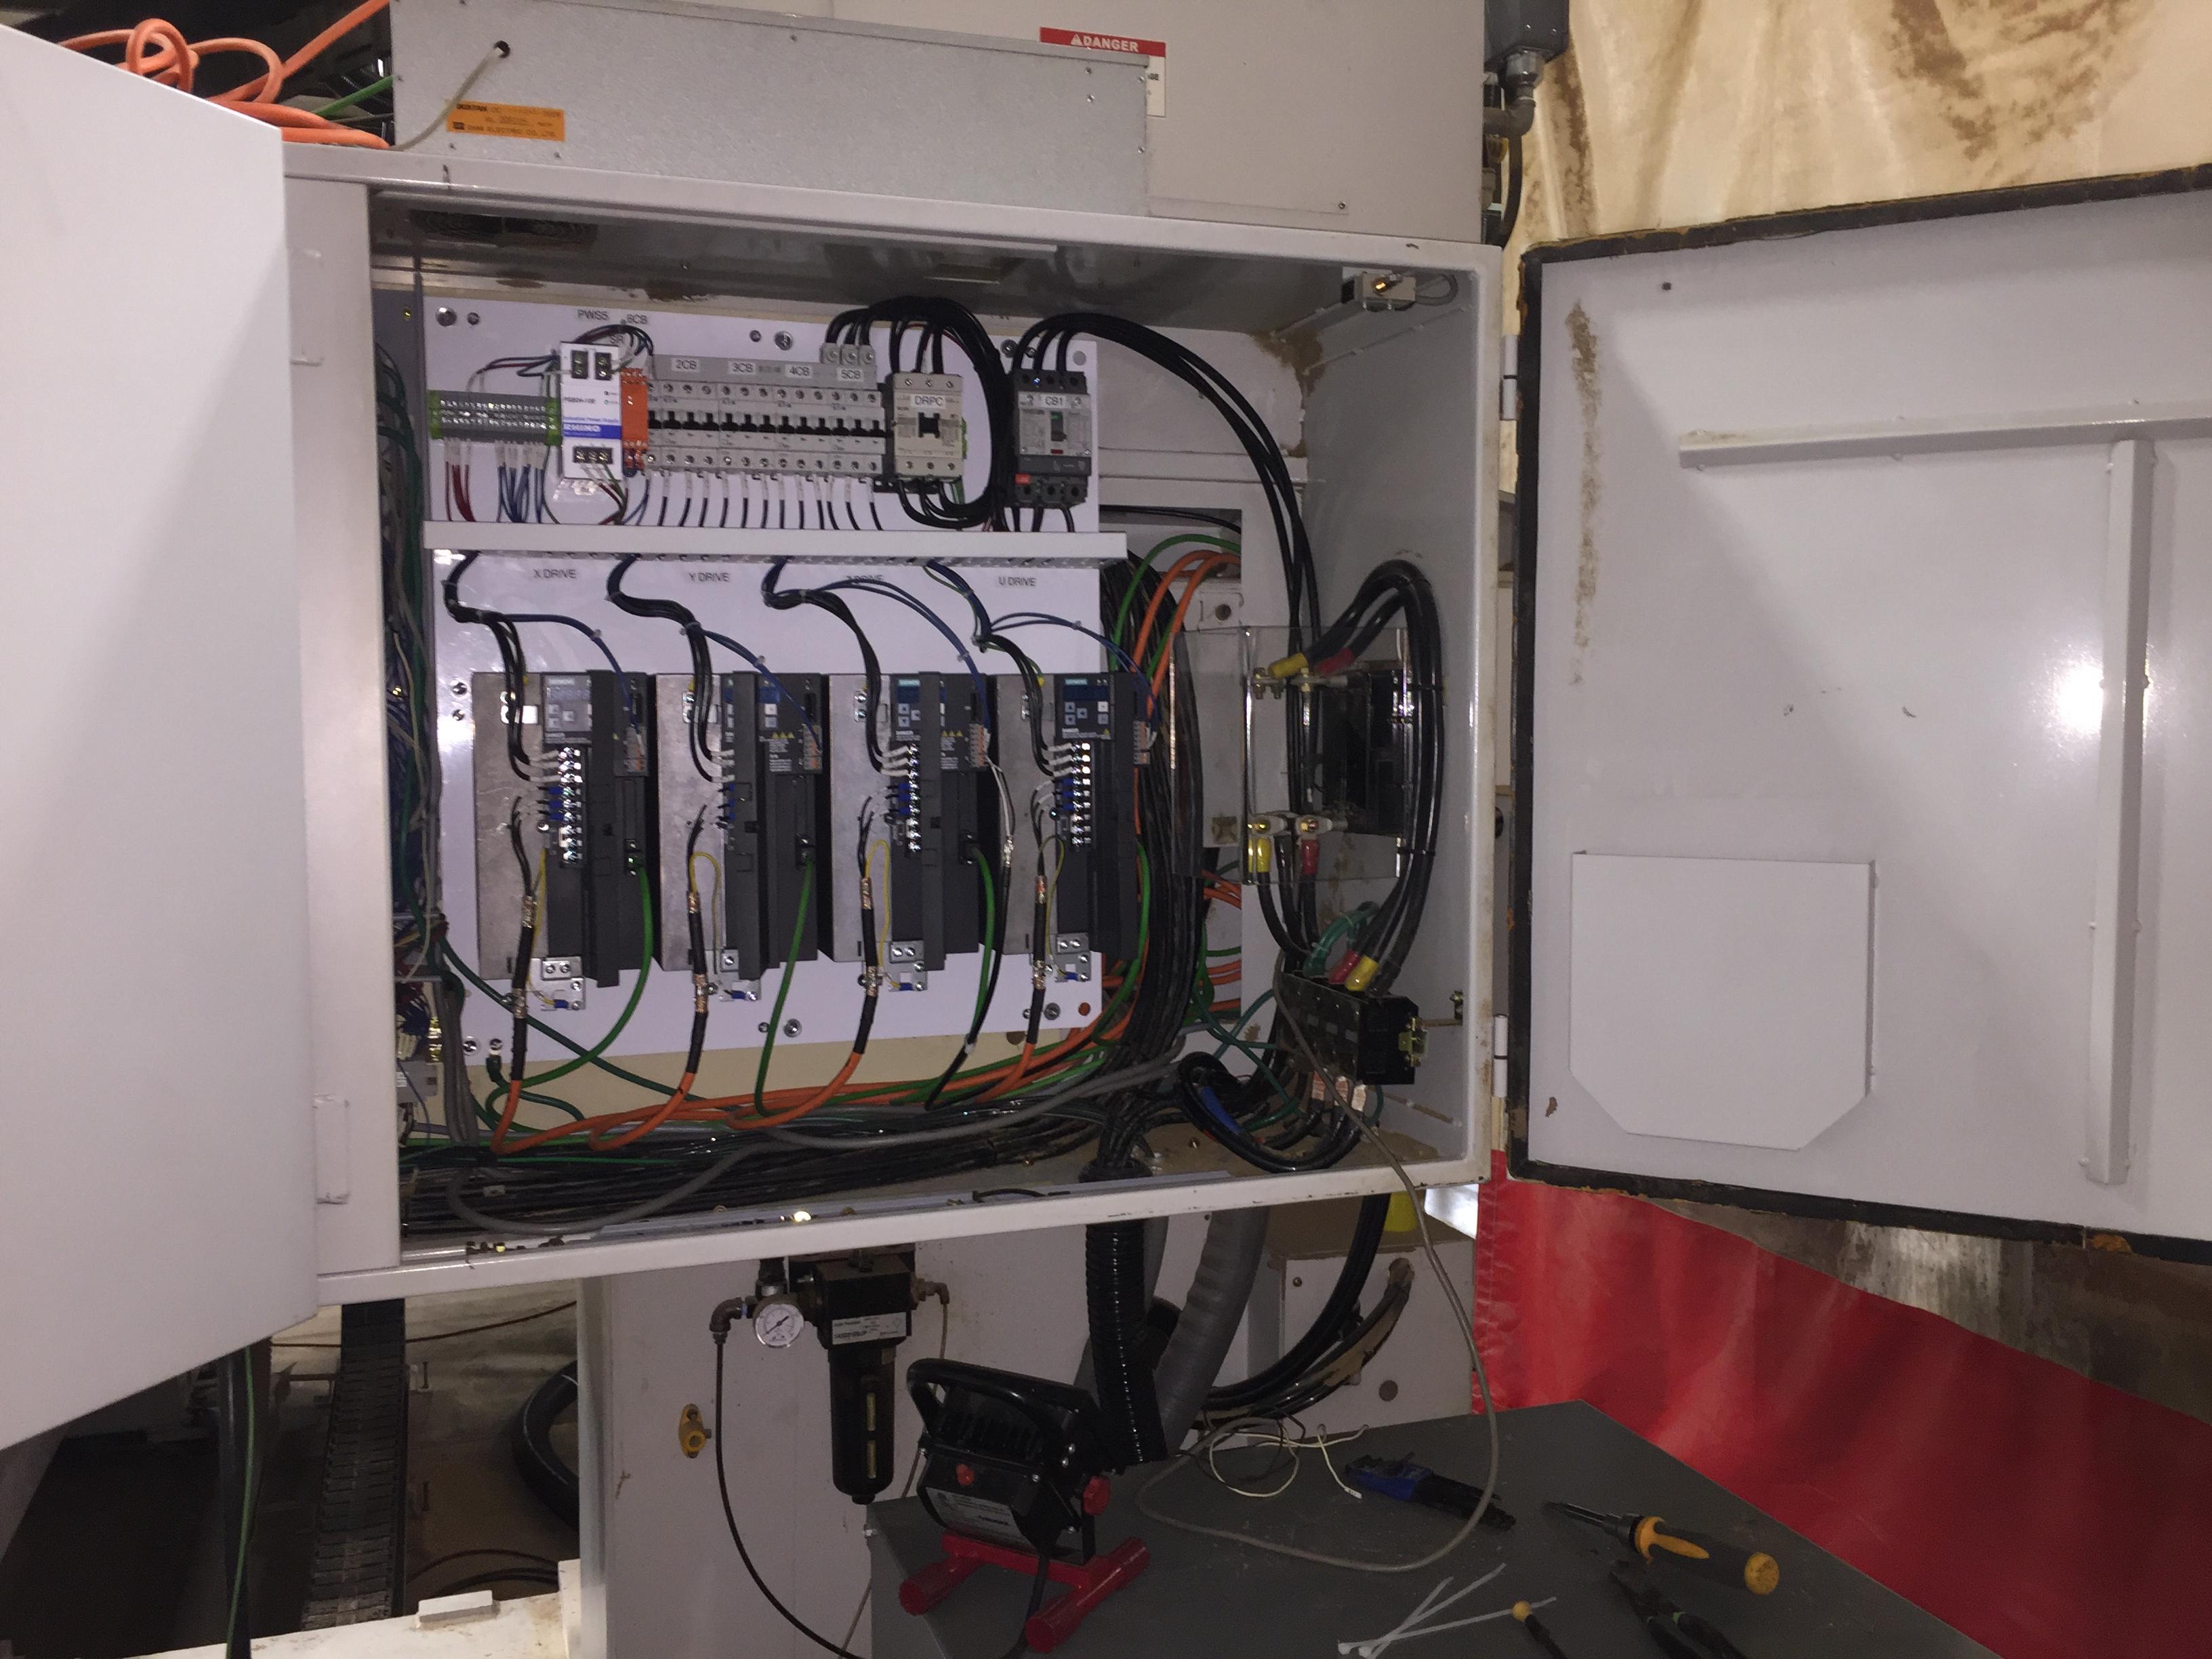 Shoda Router – Siemens 808D Drives